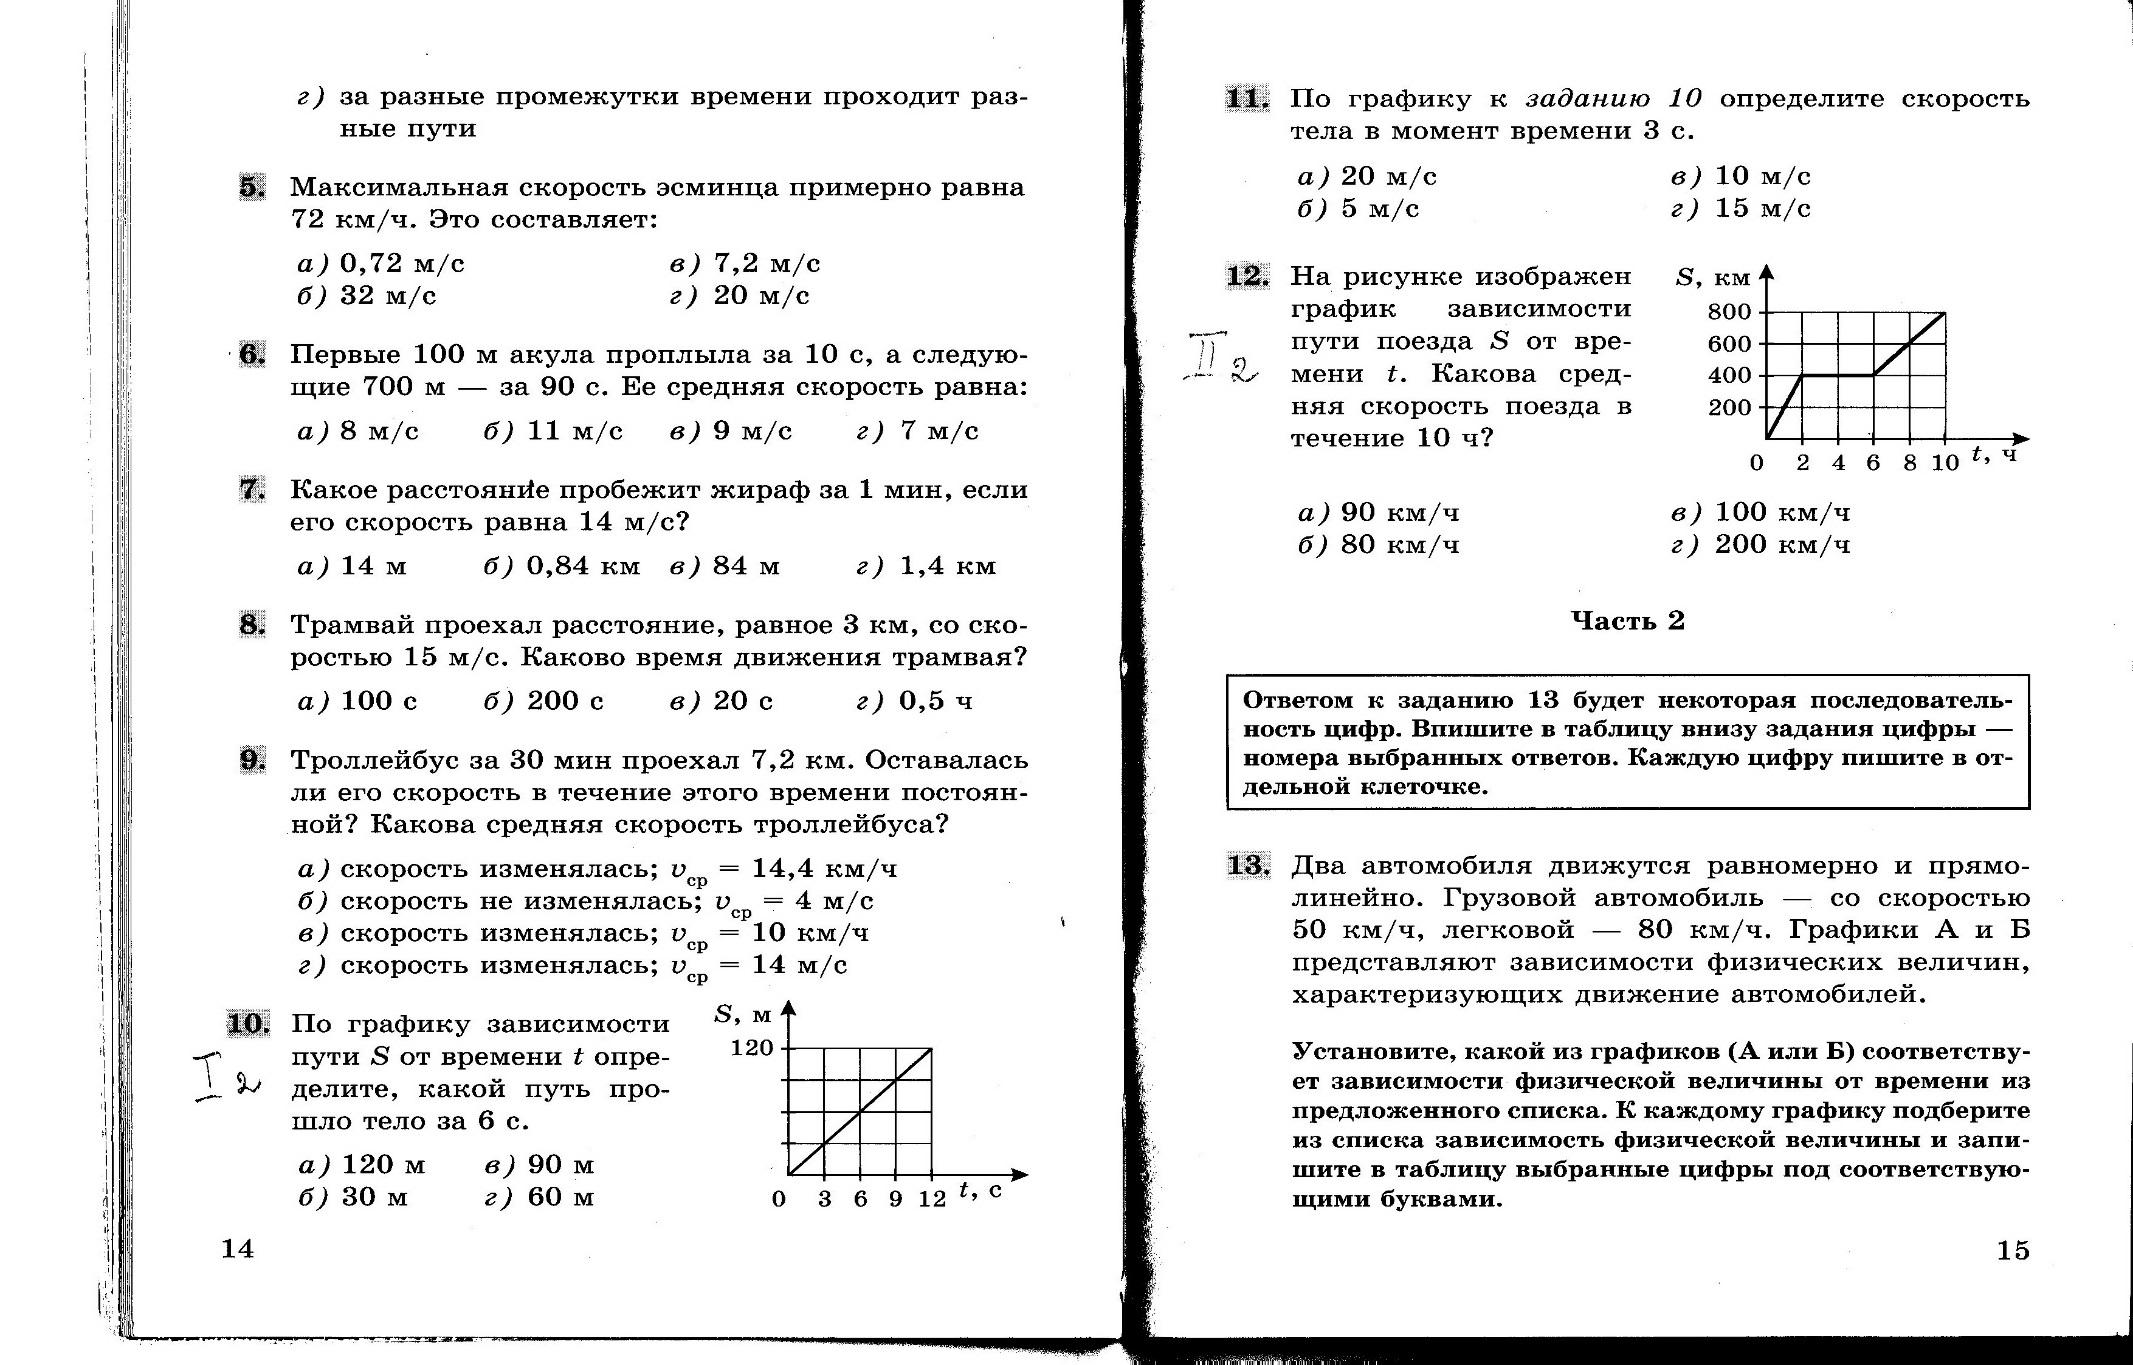 Контрольная работа по физике № класс Тема Механическое  Контрольная работа по физике 7 класс Вариант 1 Задача №1 hello html m485c92cd jpg Задача №2 hello html m1c150783 jpg